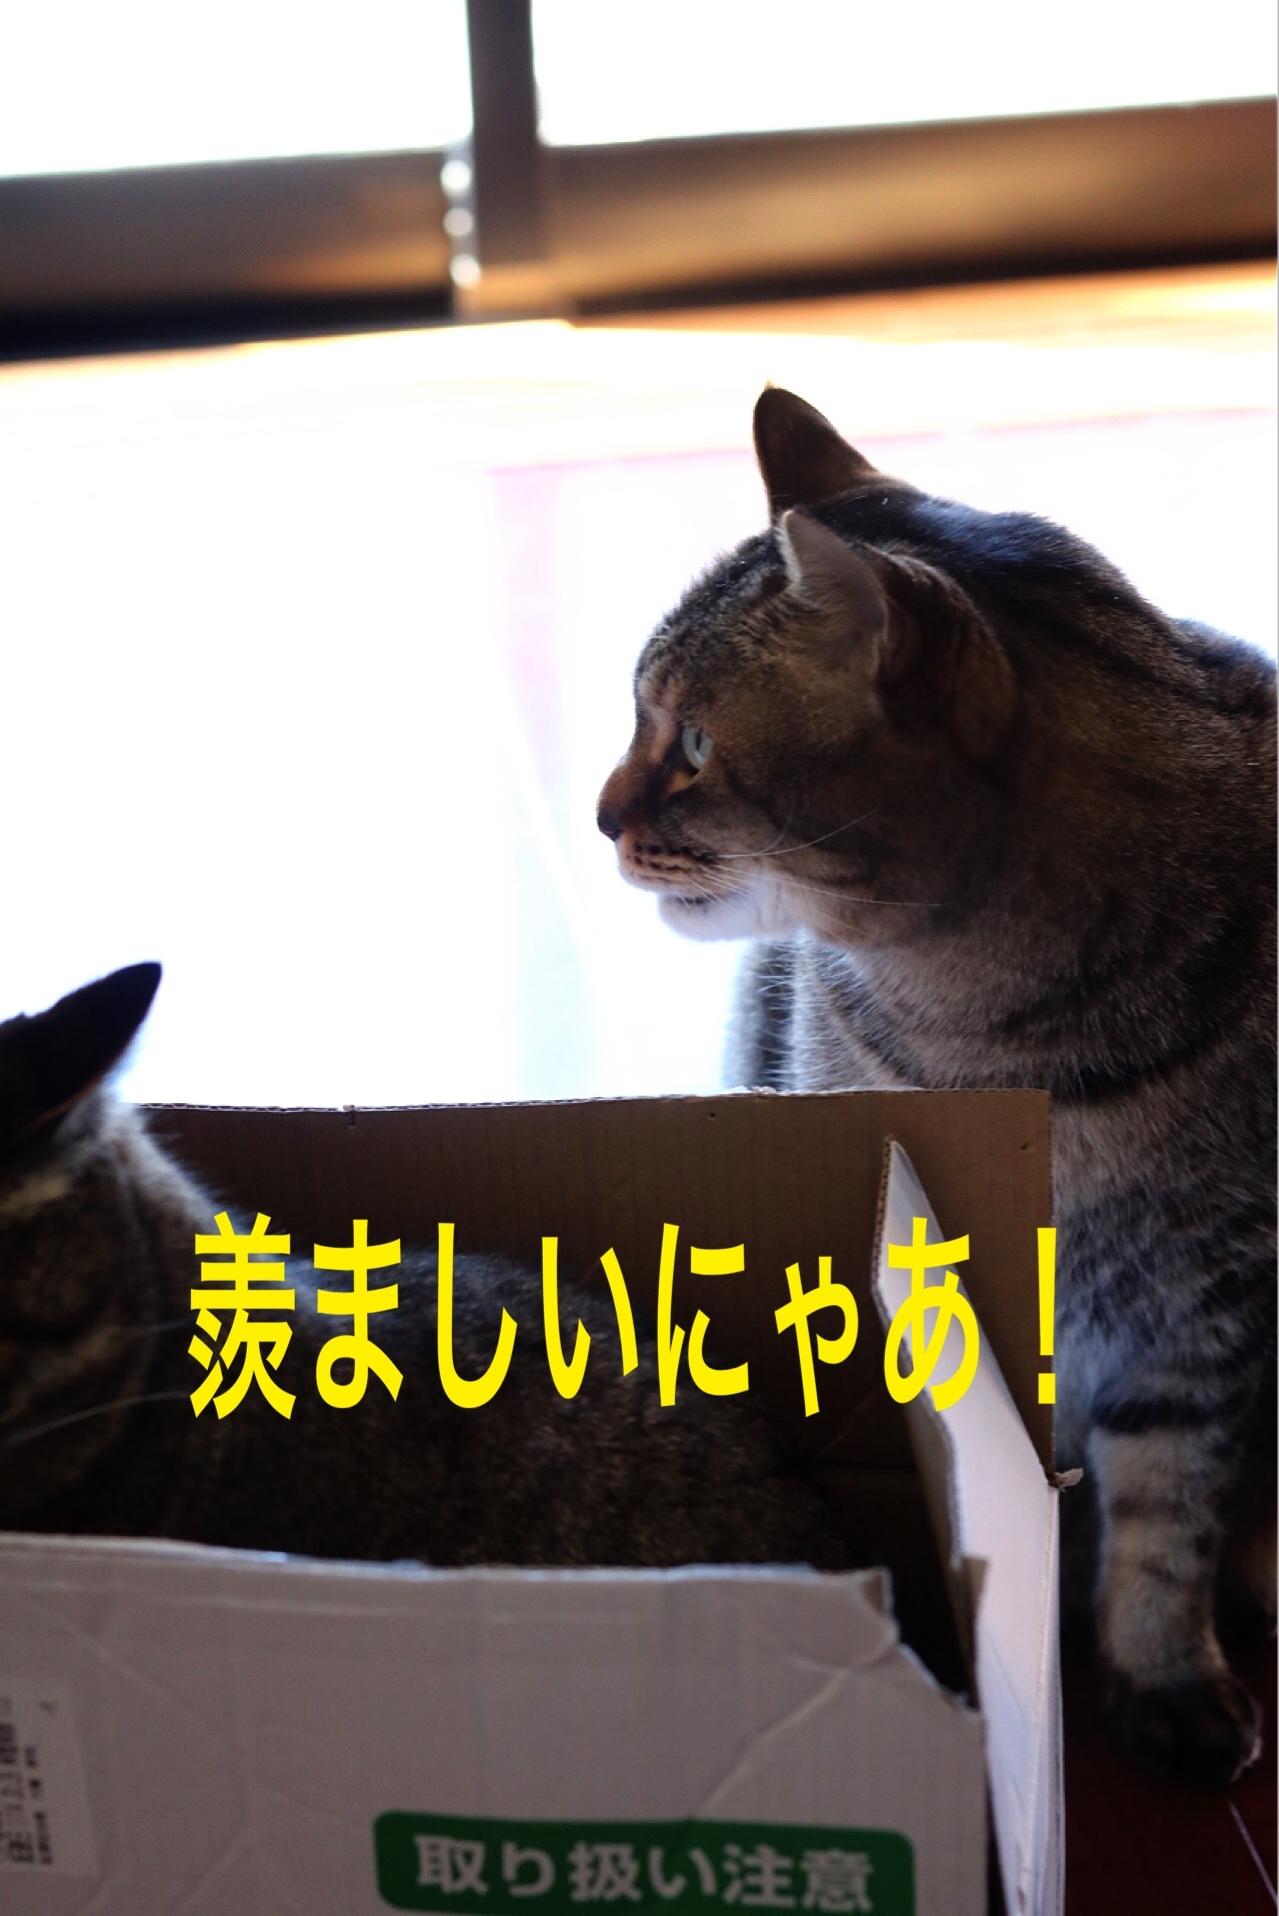 にゃんこ劇場「とらお君の憂鬱」_c0366722_21362604.jpg